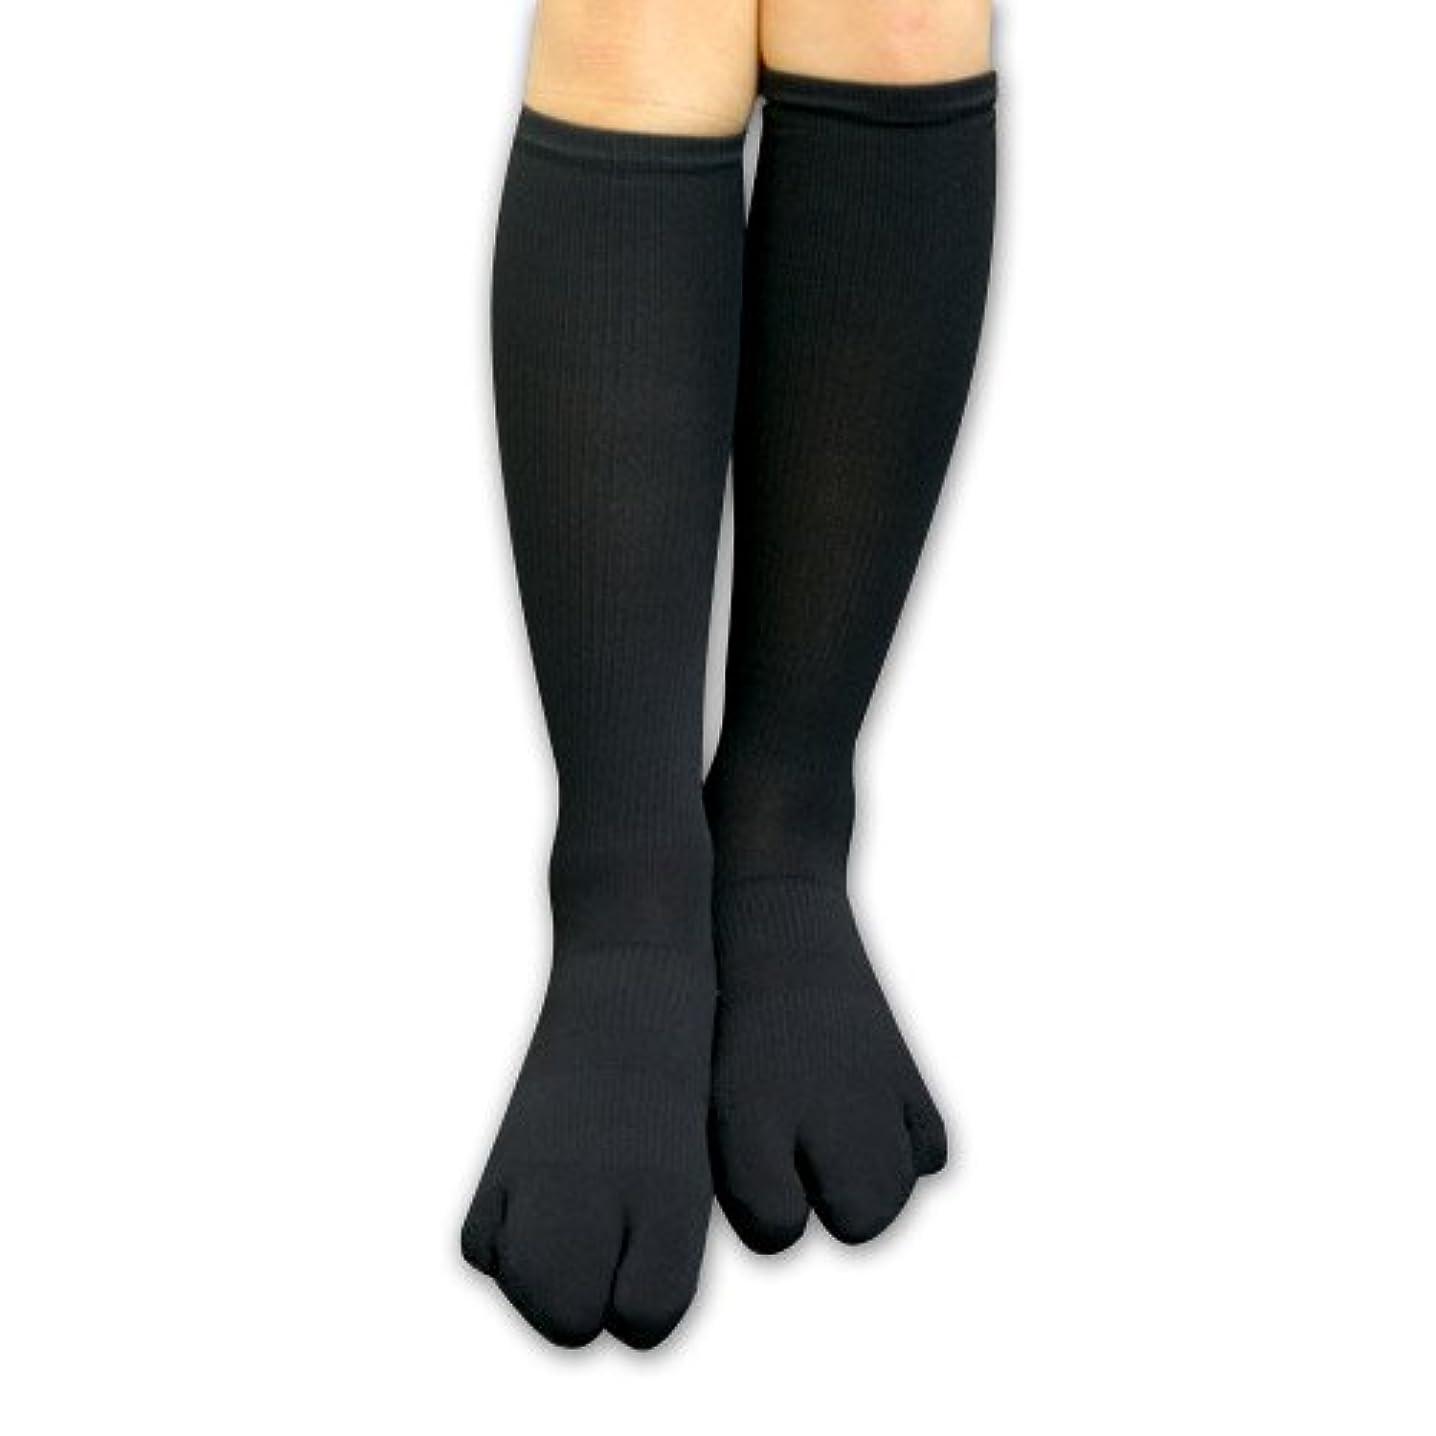 爵サーキュレーション家族カサハラ外反母趾?浮き指対策あしやせ天国3本指テーピング靴下 ((L24-26cm))